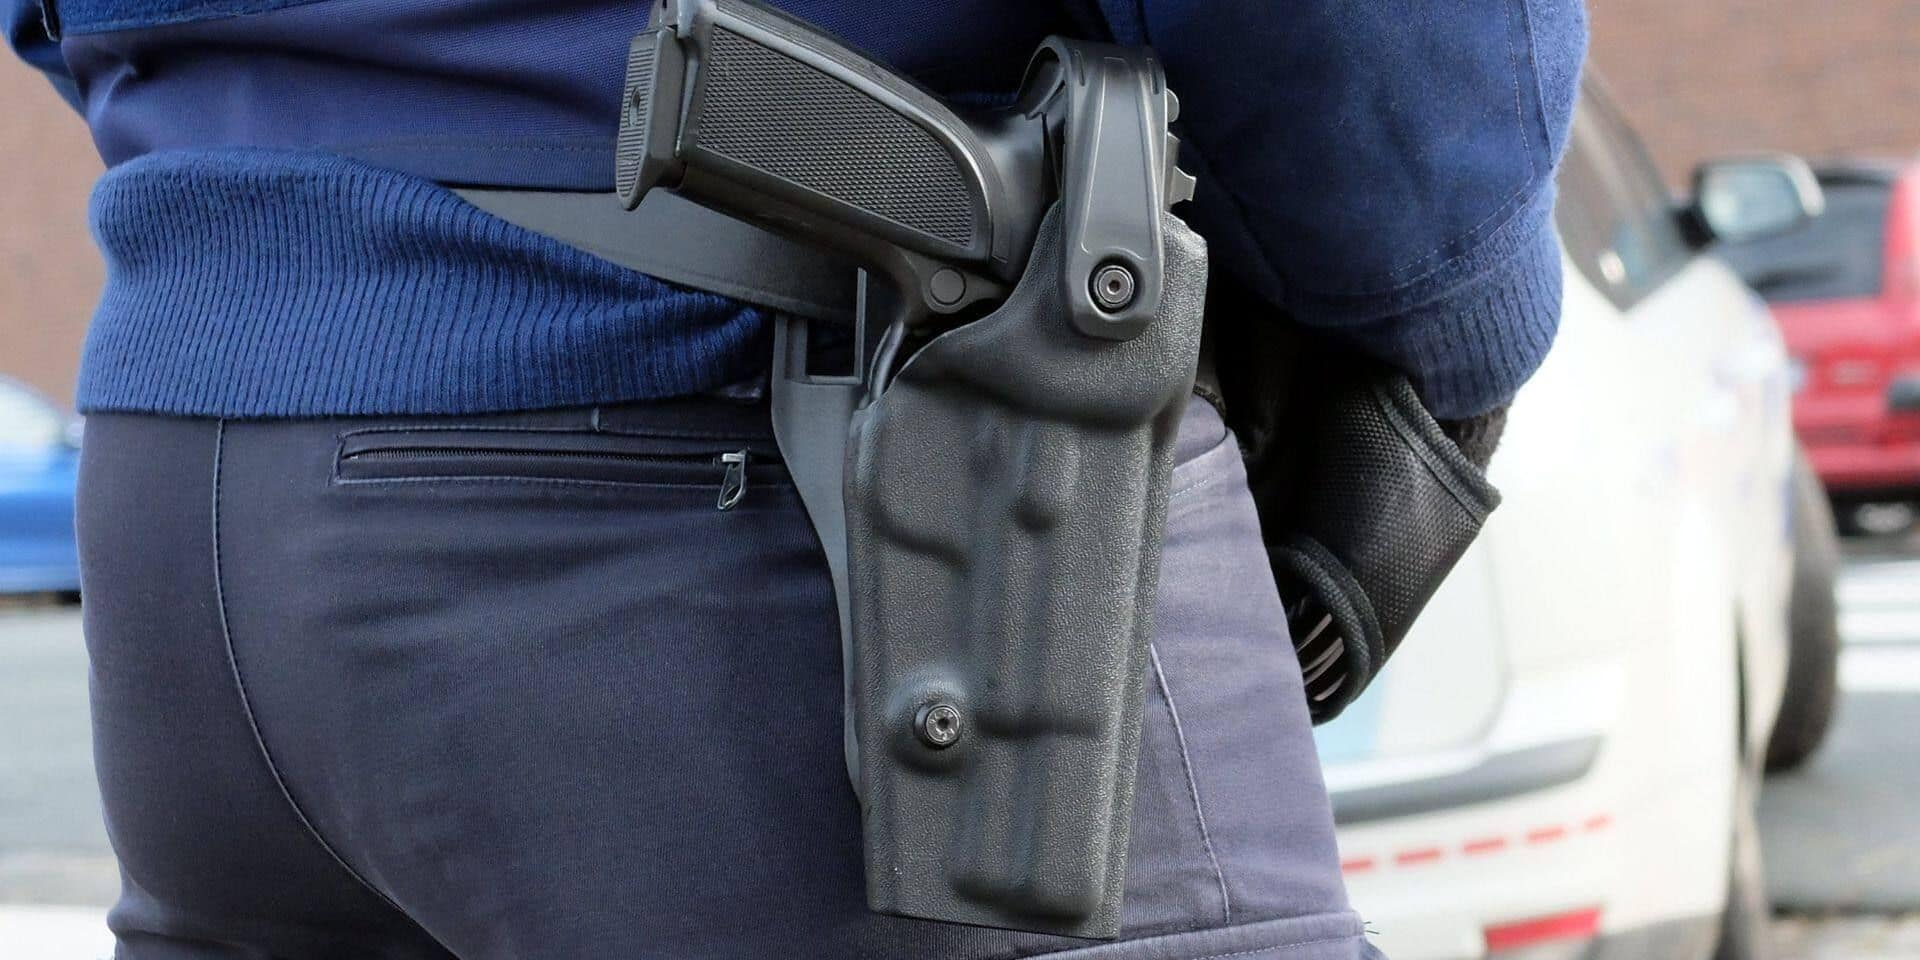 Le tribunal acquitte les deux prévenus, suspectés d'avoir volé 11 armes au domicile d'un policier louviérois